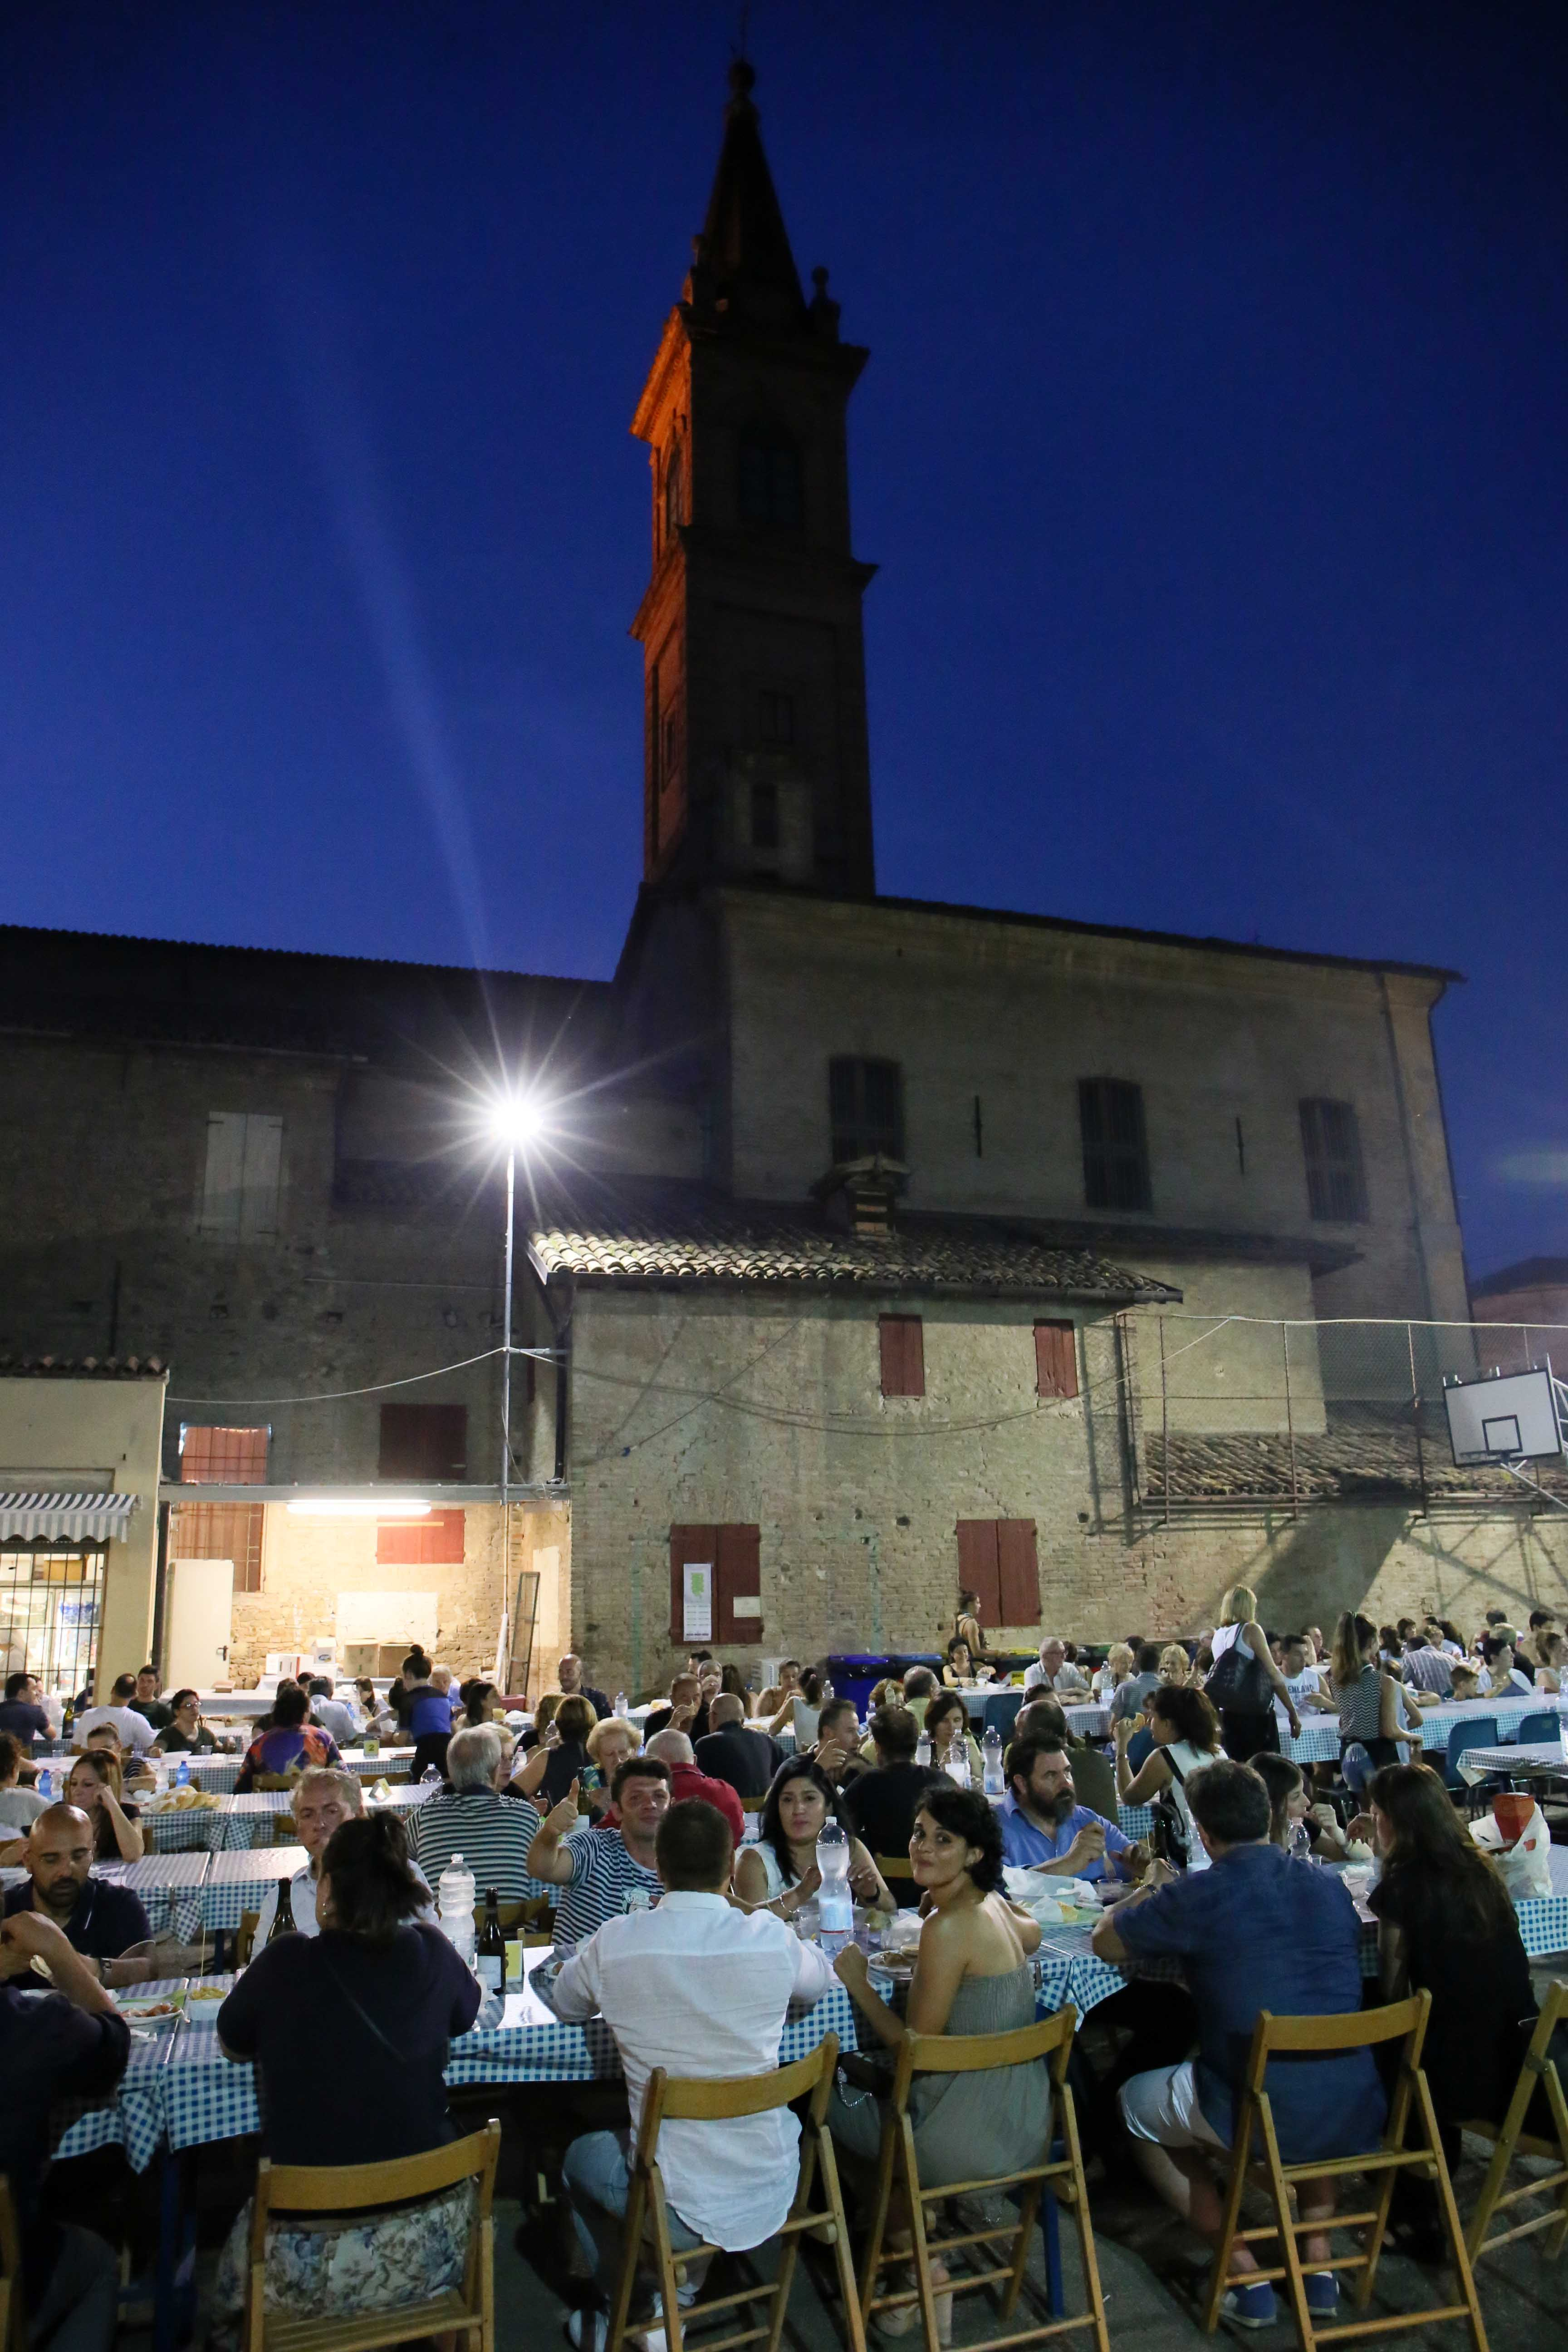 Sabato 23 giugno entra nel clou la 148° Fiera di San Giovanni